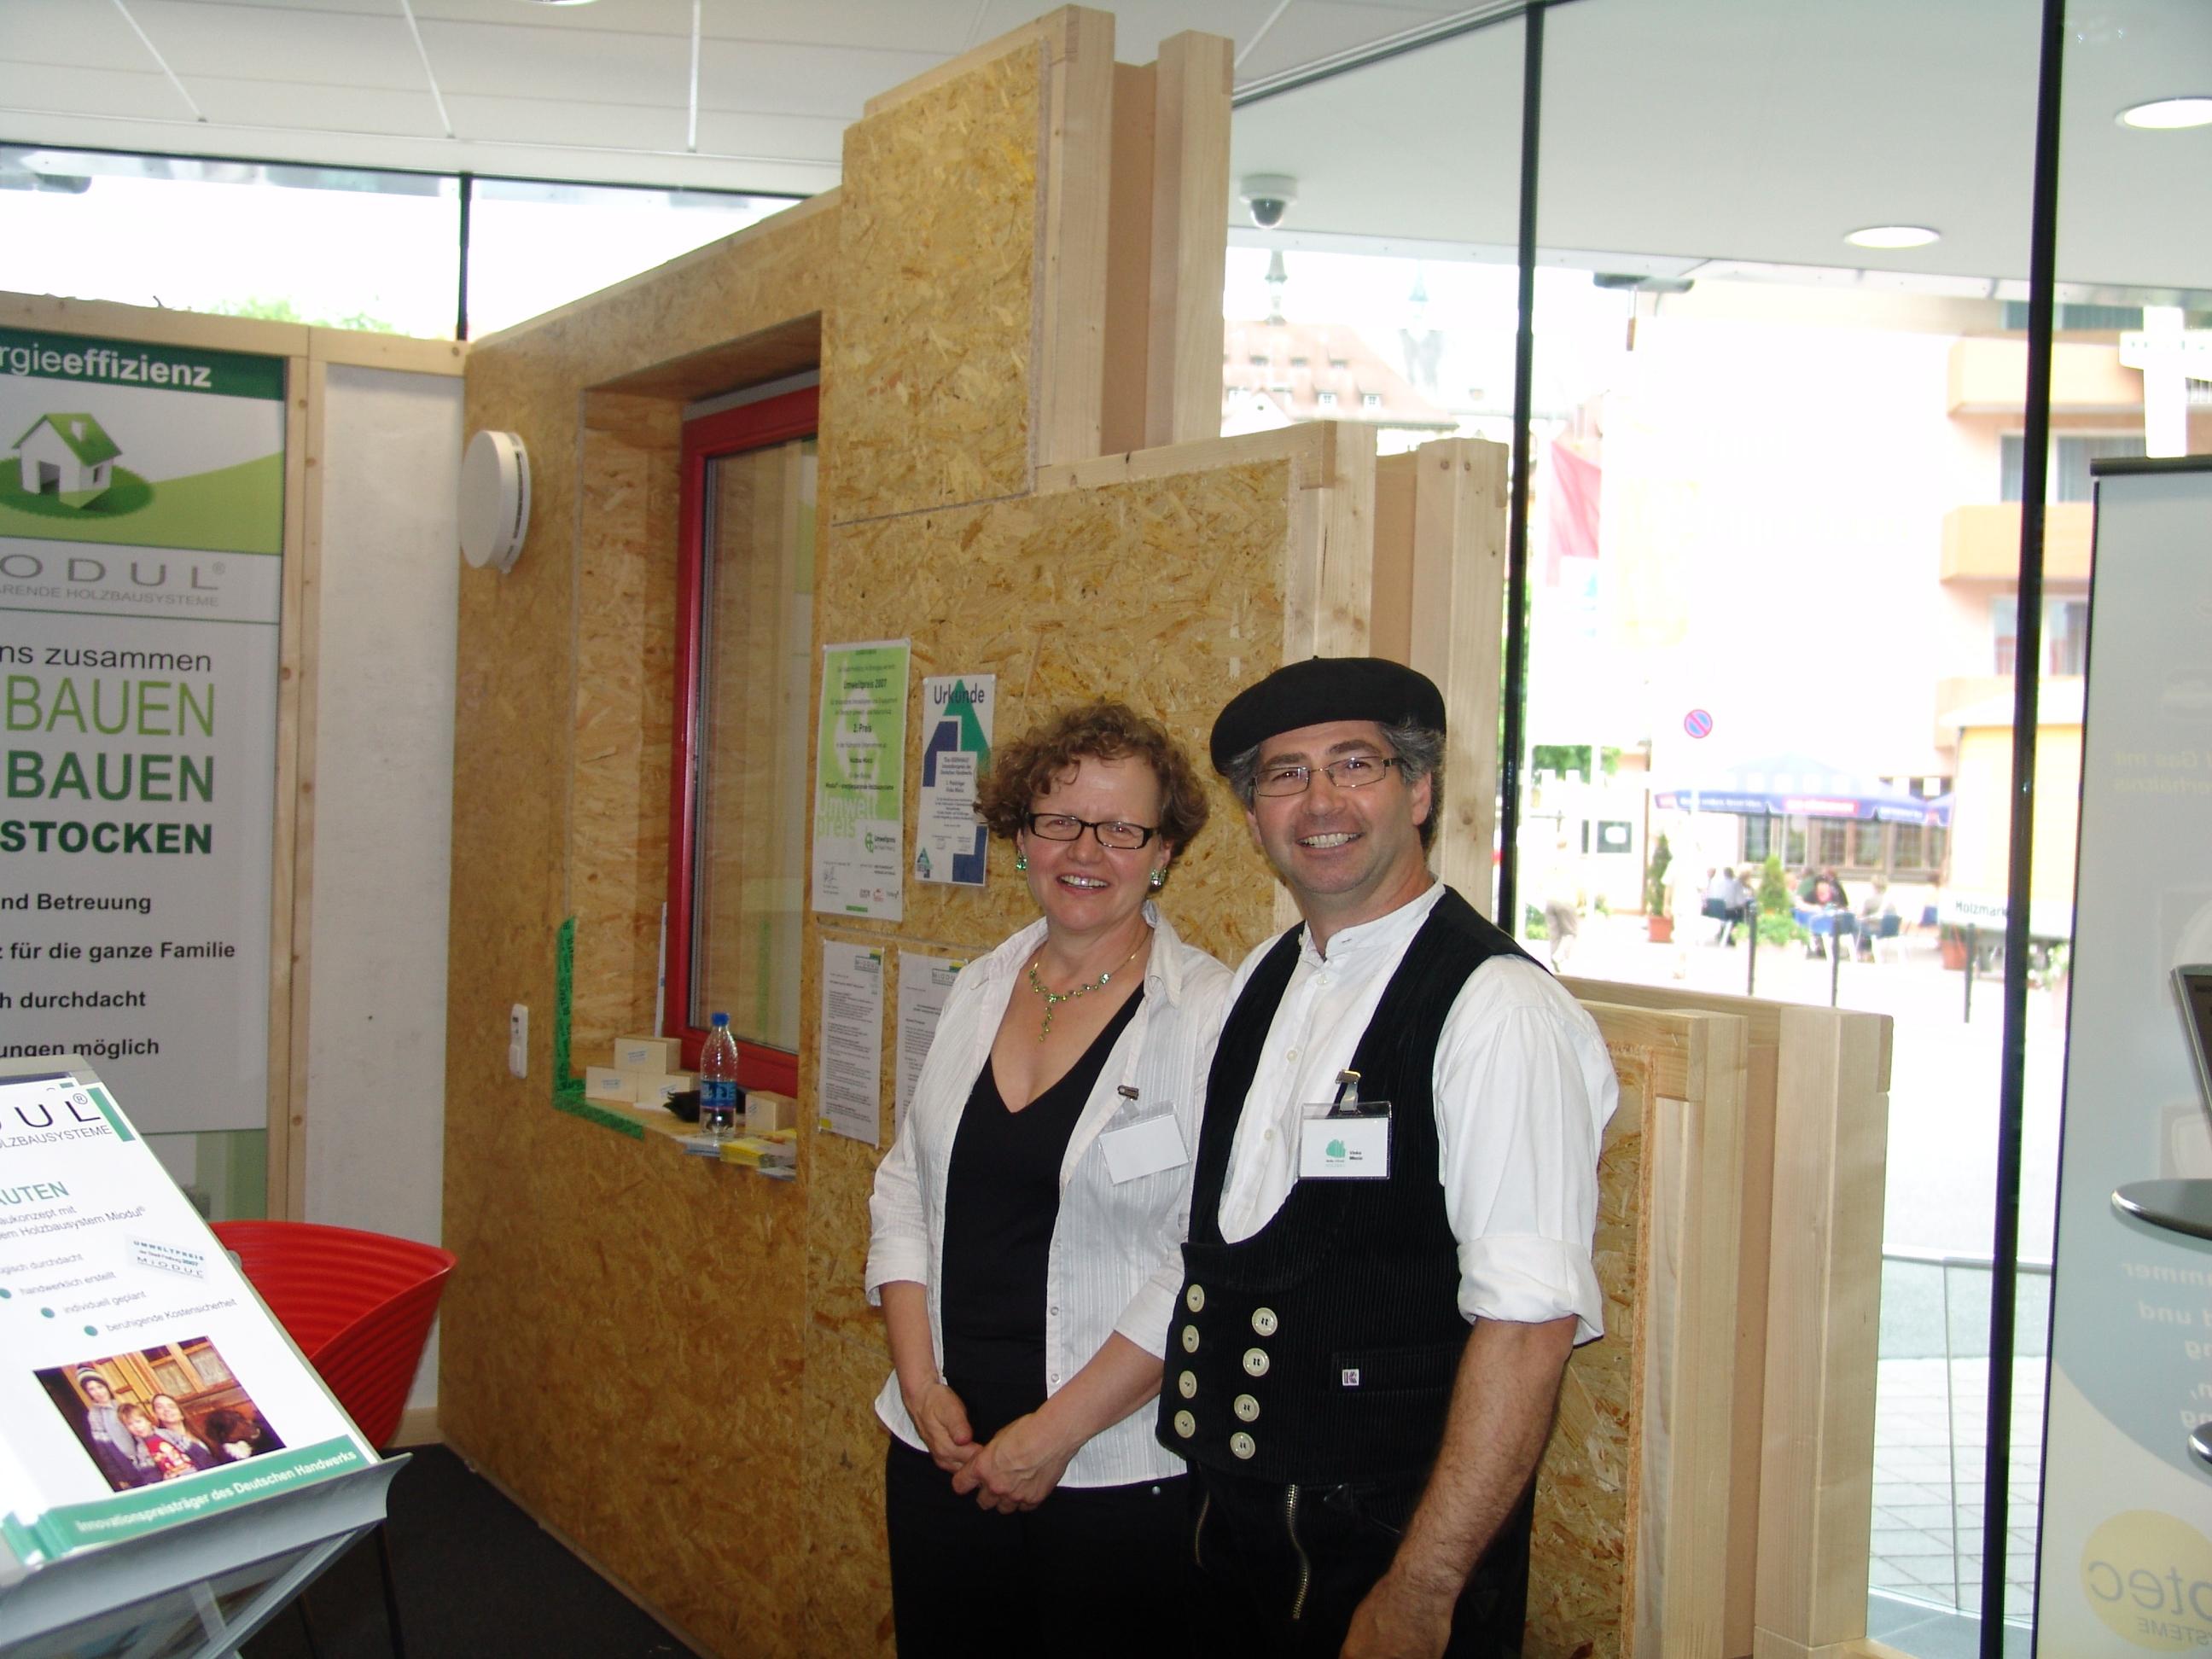 ドイツの職人養成 デュアルシステム ④マイスターは現場の教師